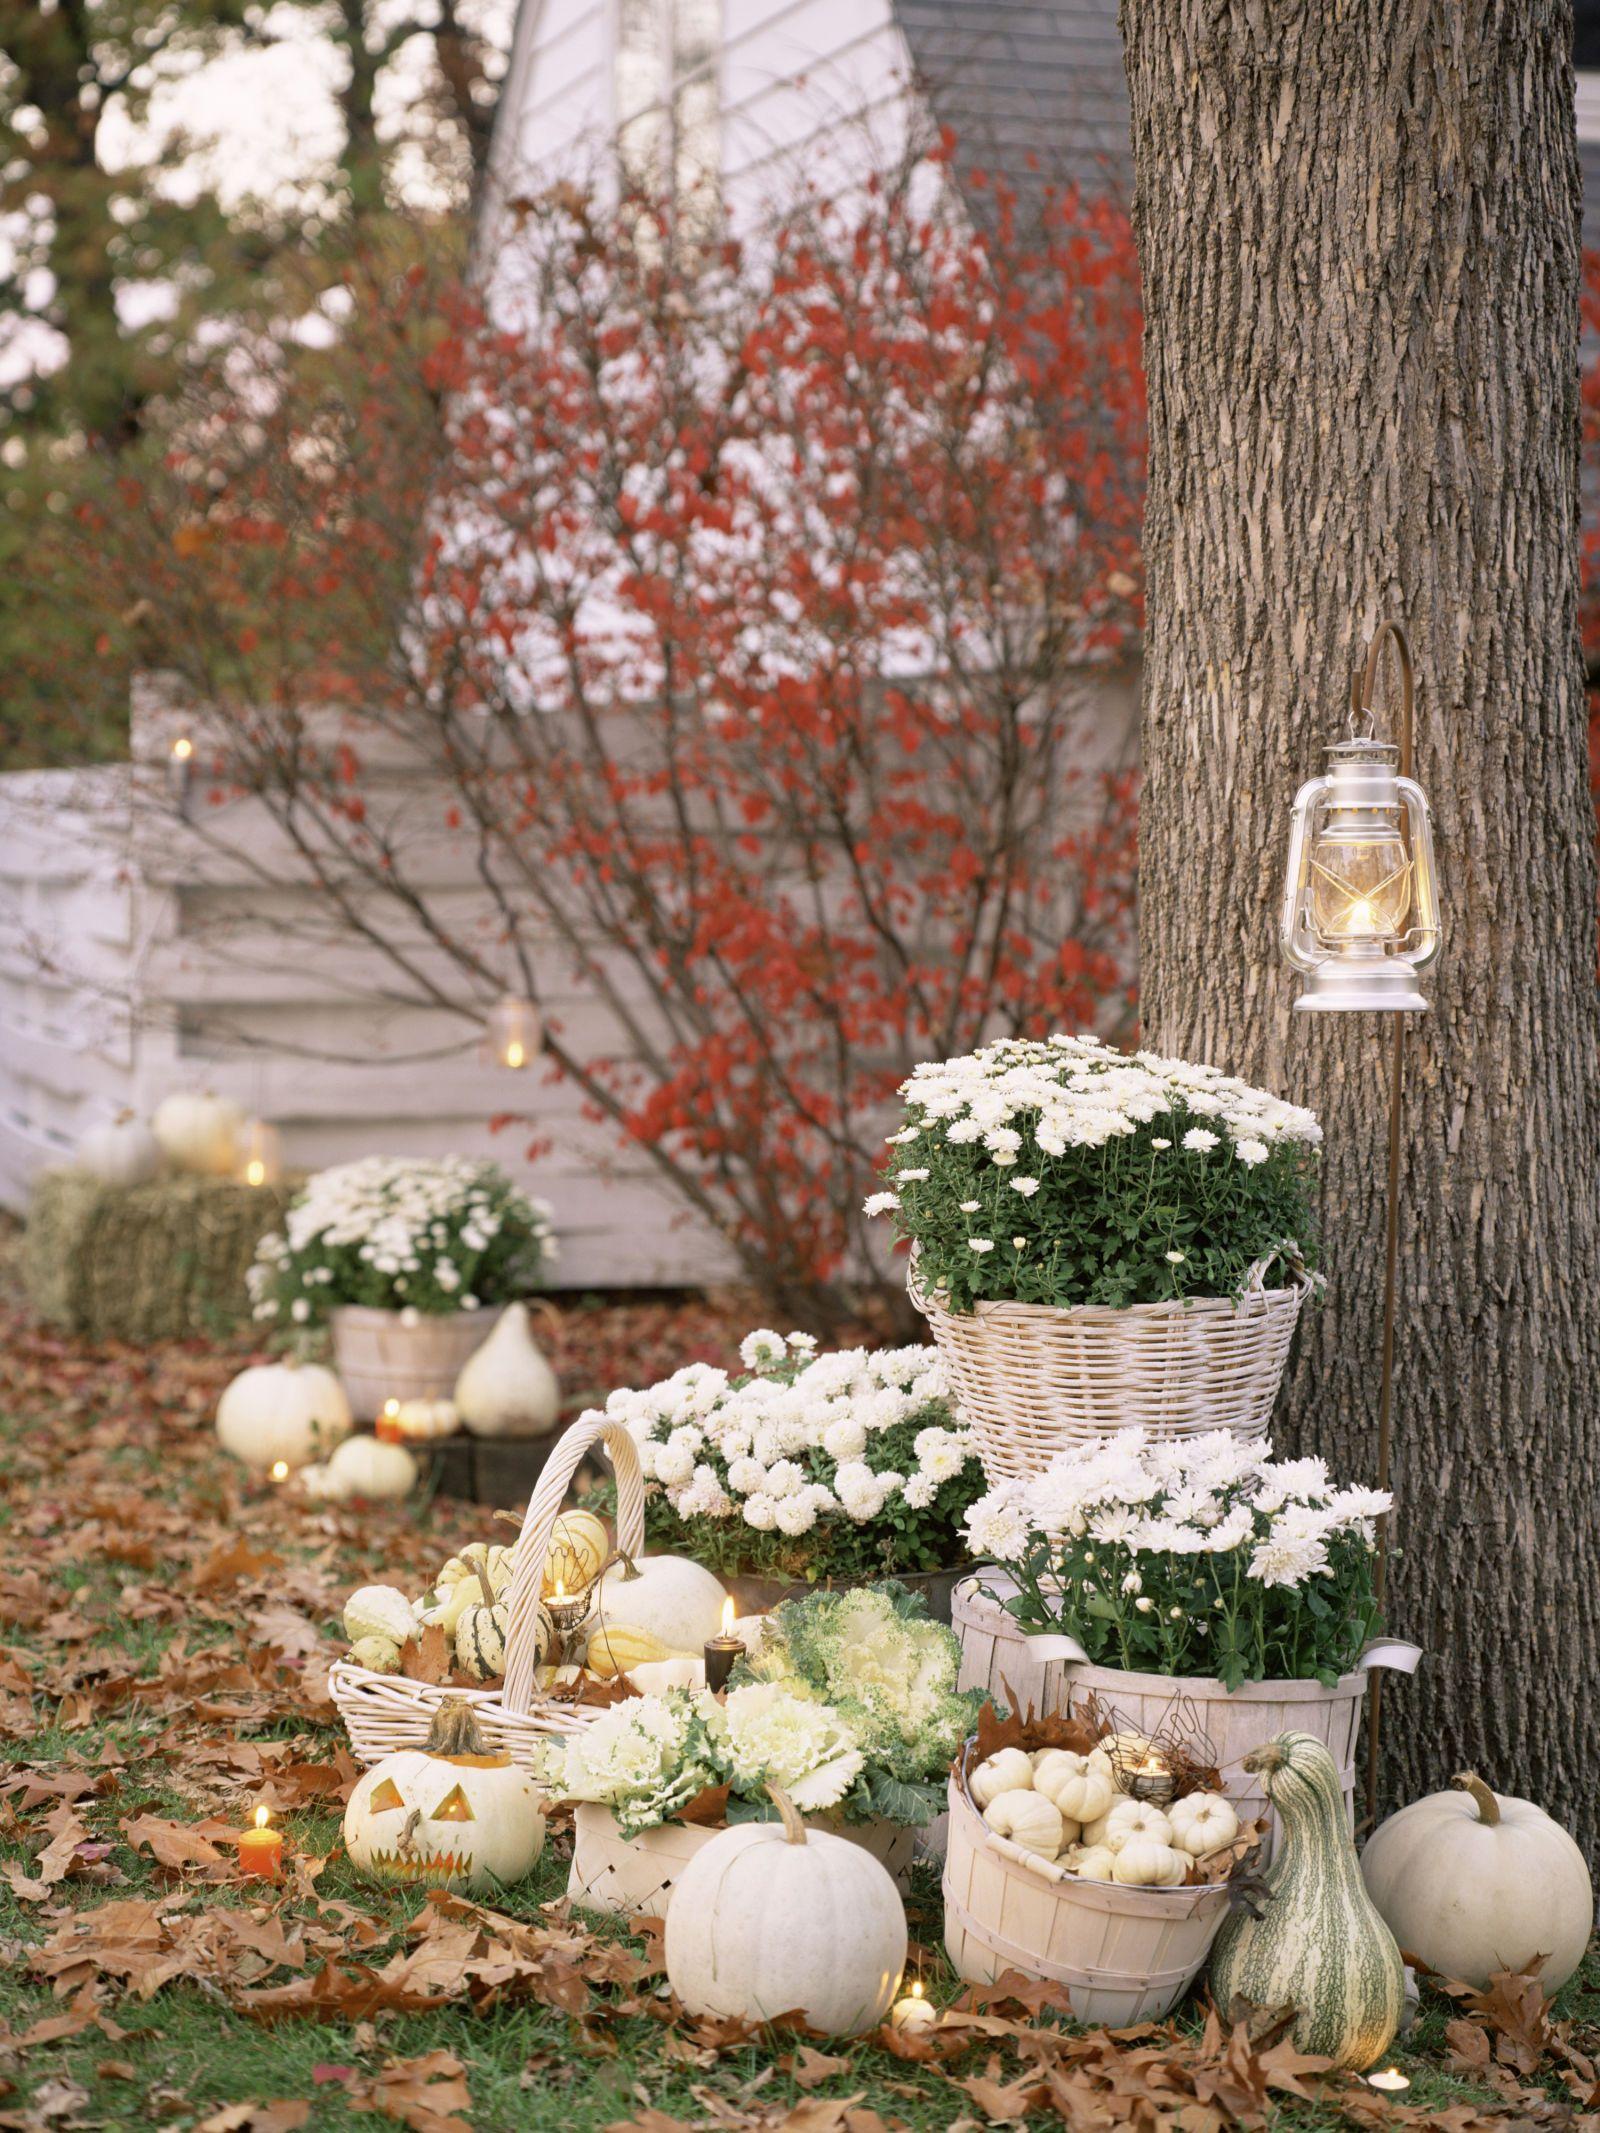 30+ Spooktacular Outdoor Halloween Decorations Orange decorations - front yard halloween decorations